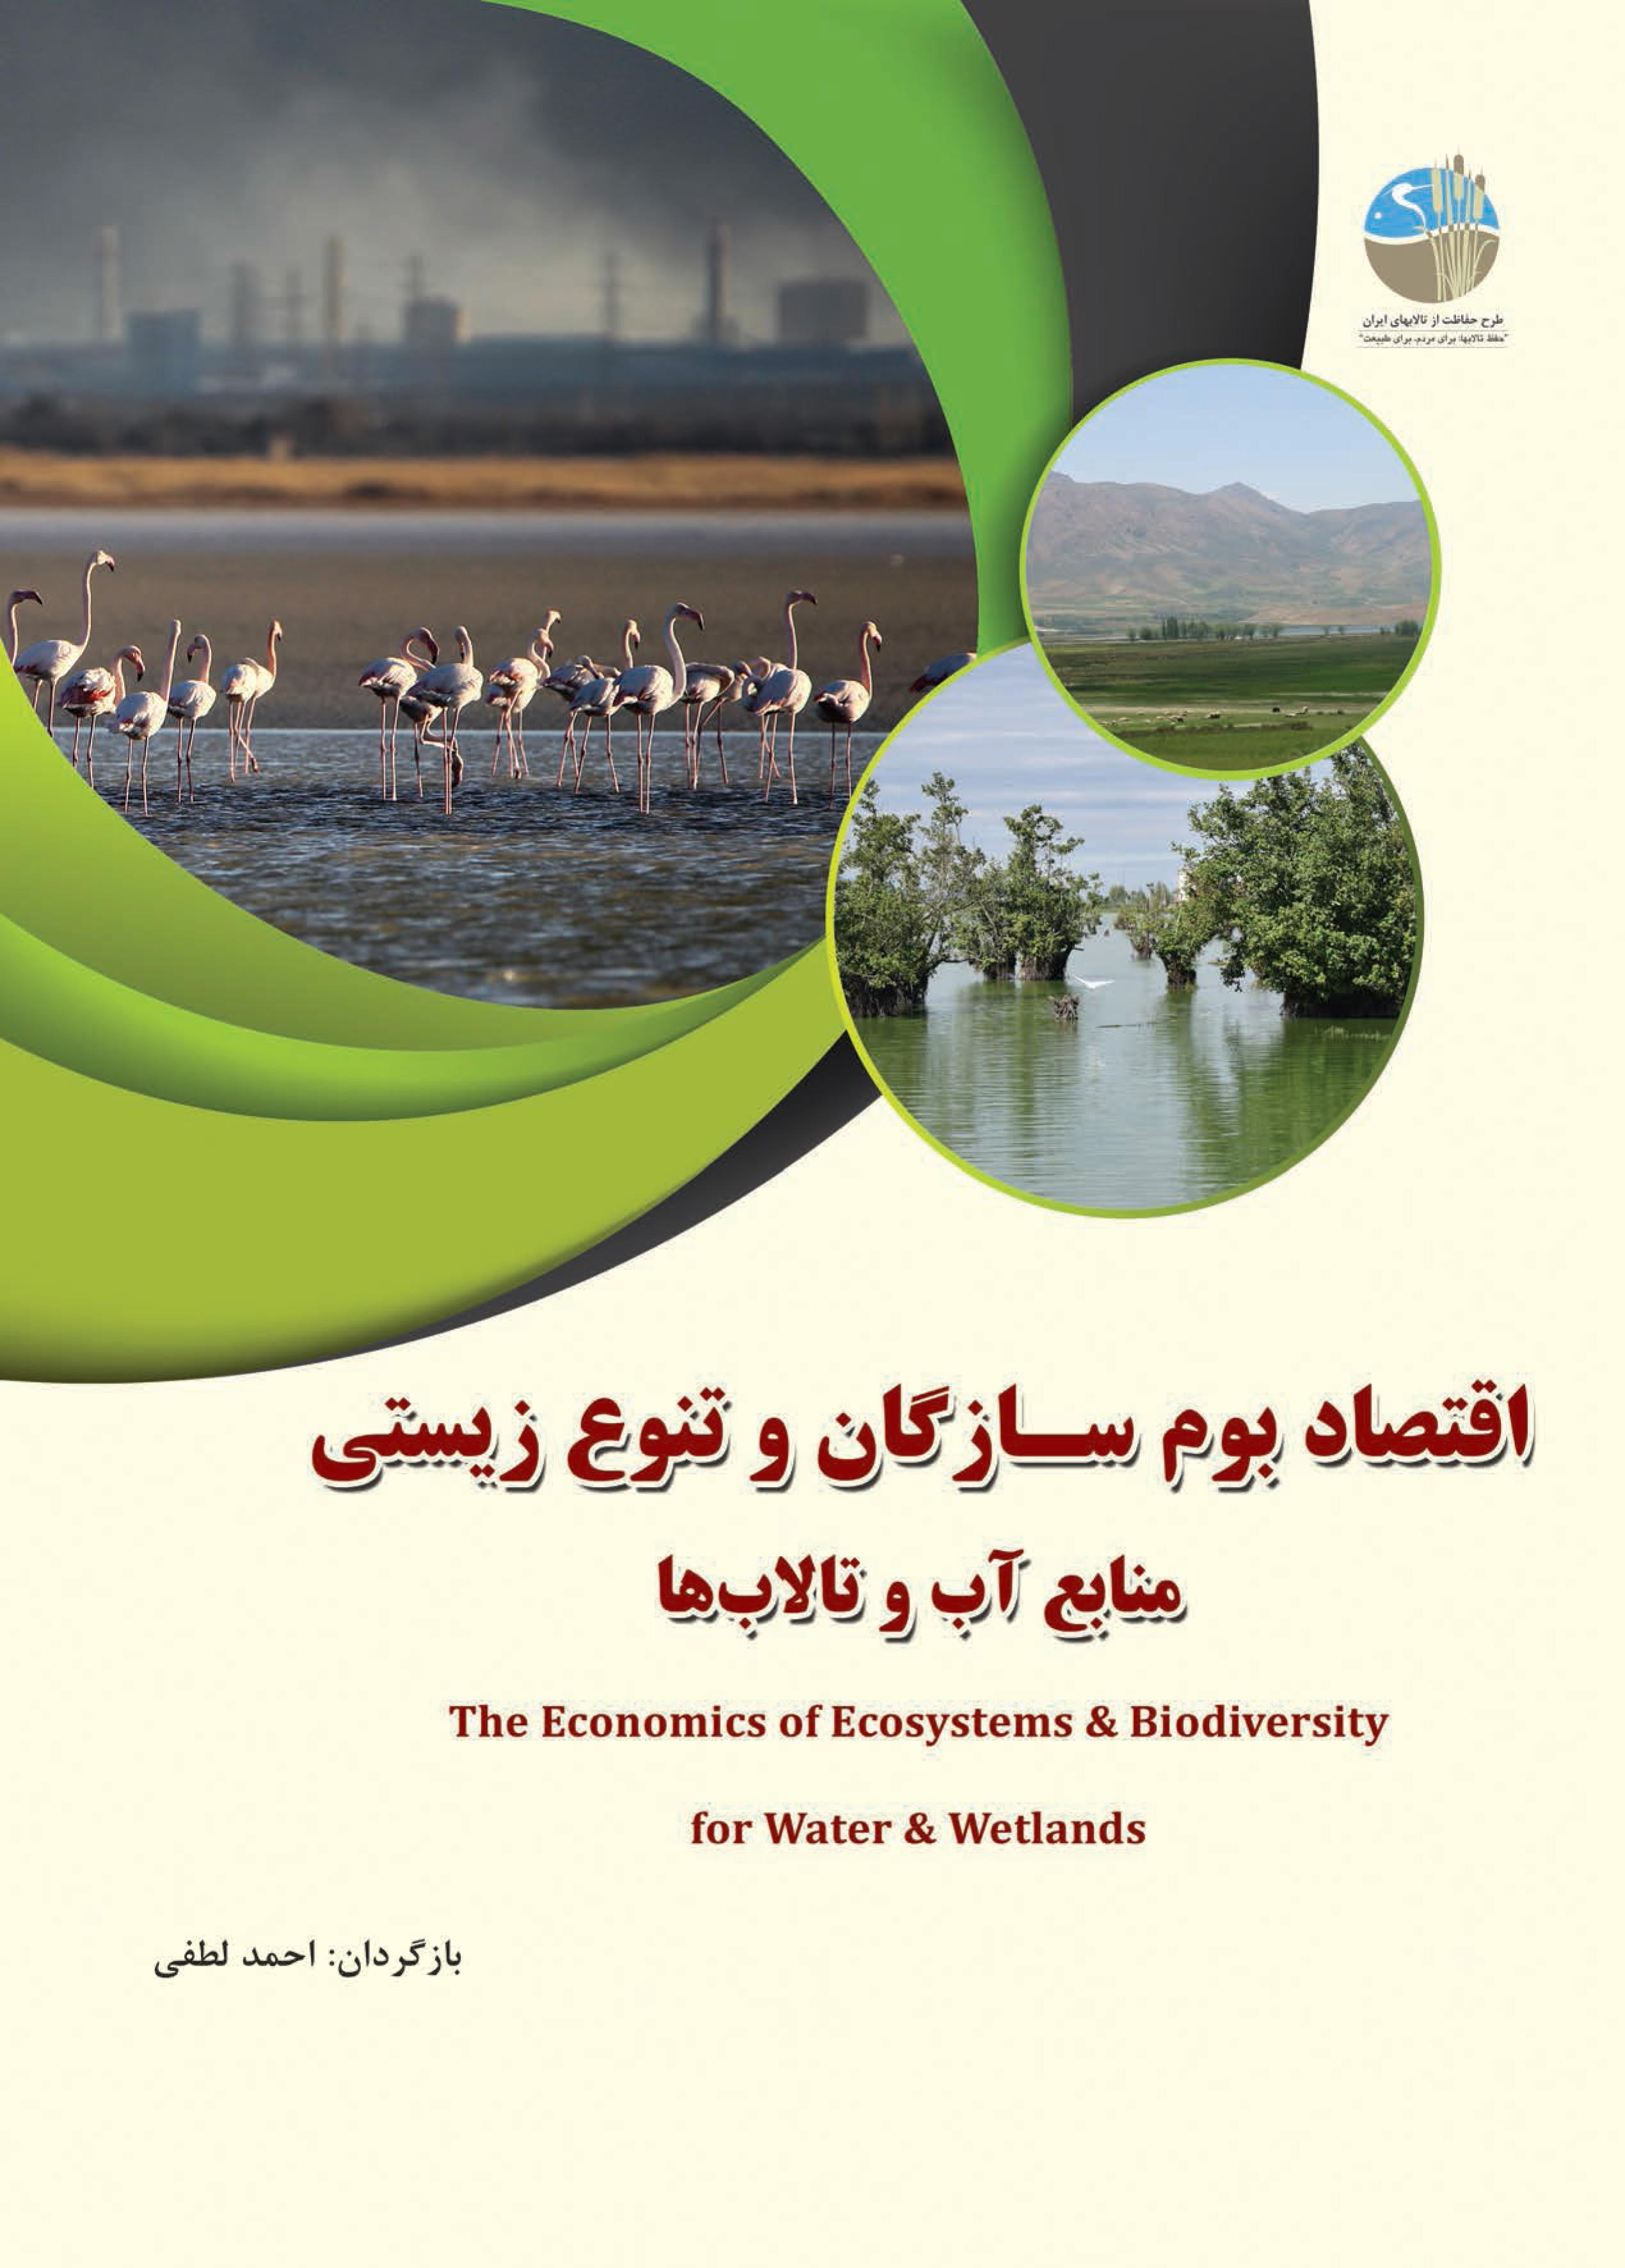 اقتصاد بوم سازگان و تنوع زیستی منابع آب و تالاب